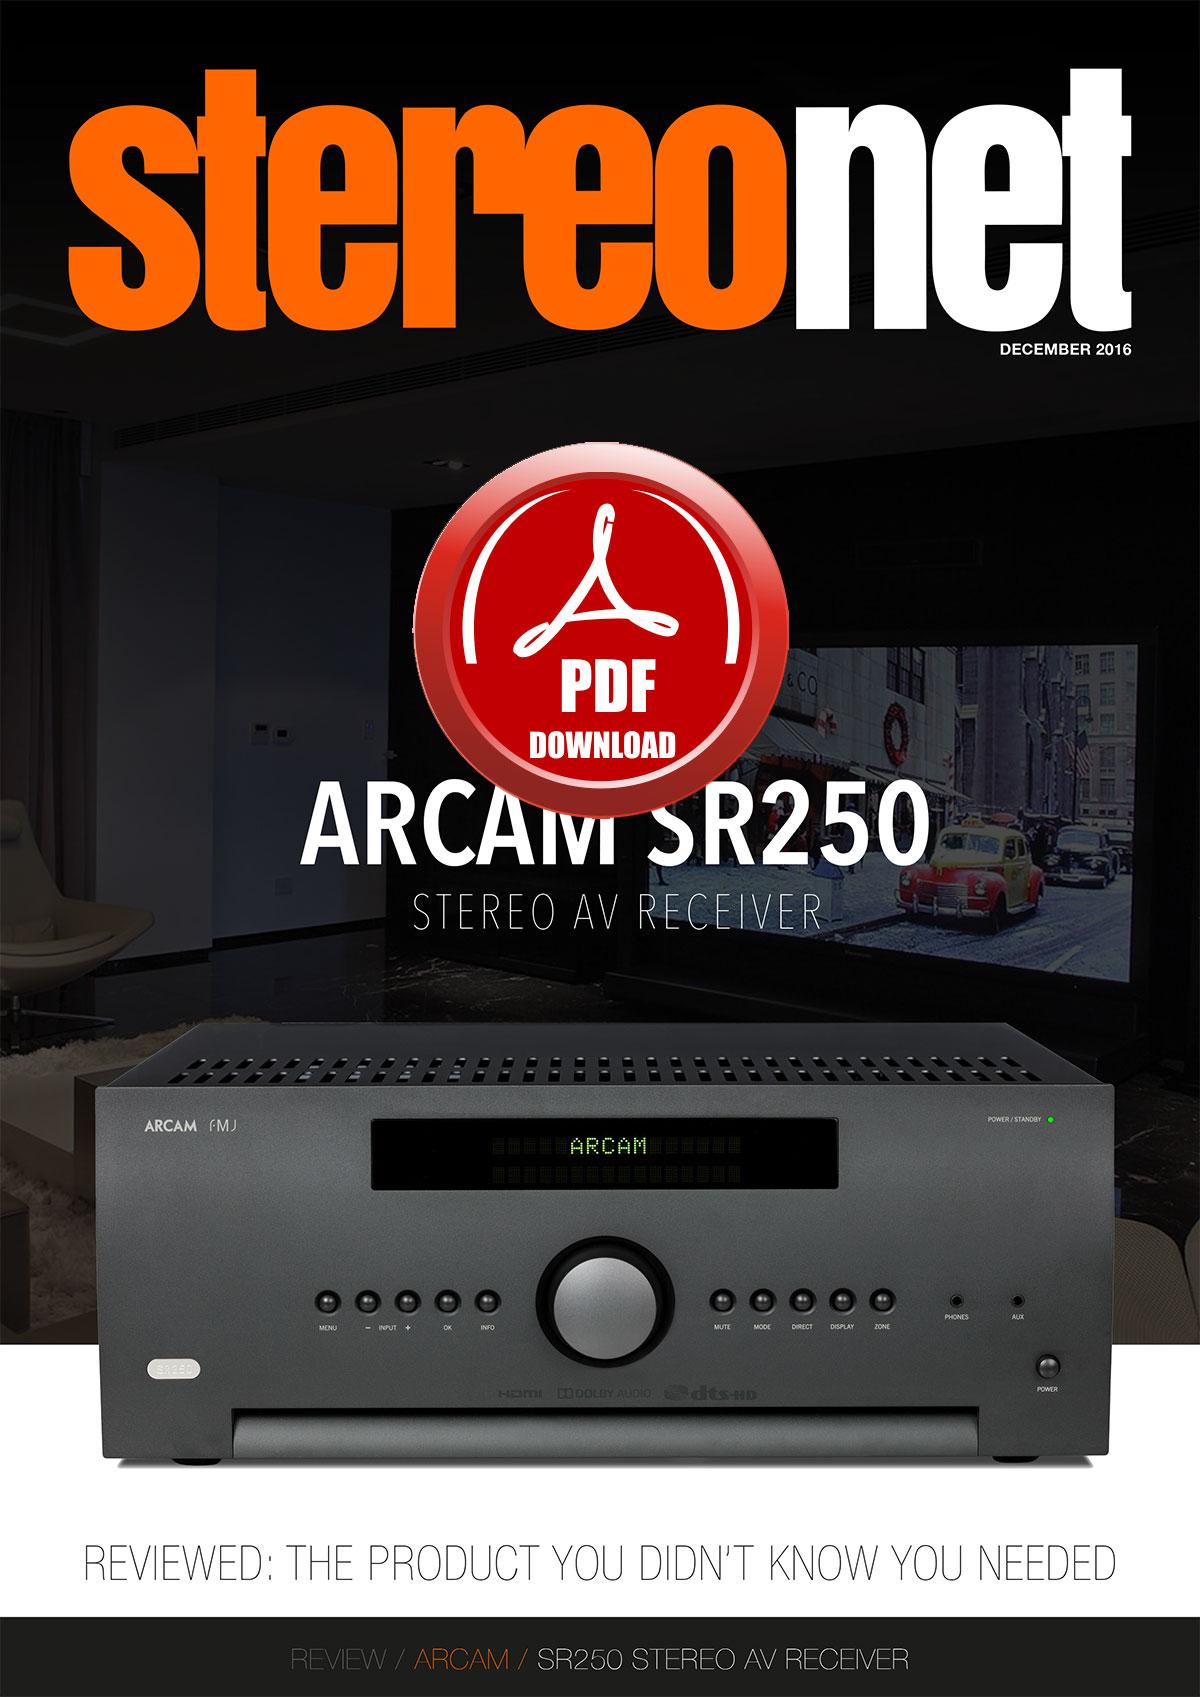 ARCAM SR250 Stereo AV Receiver Review